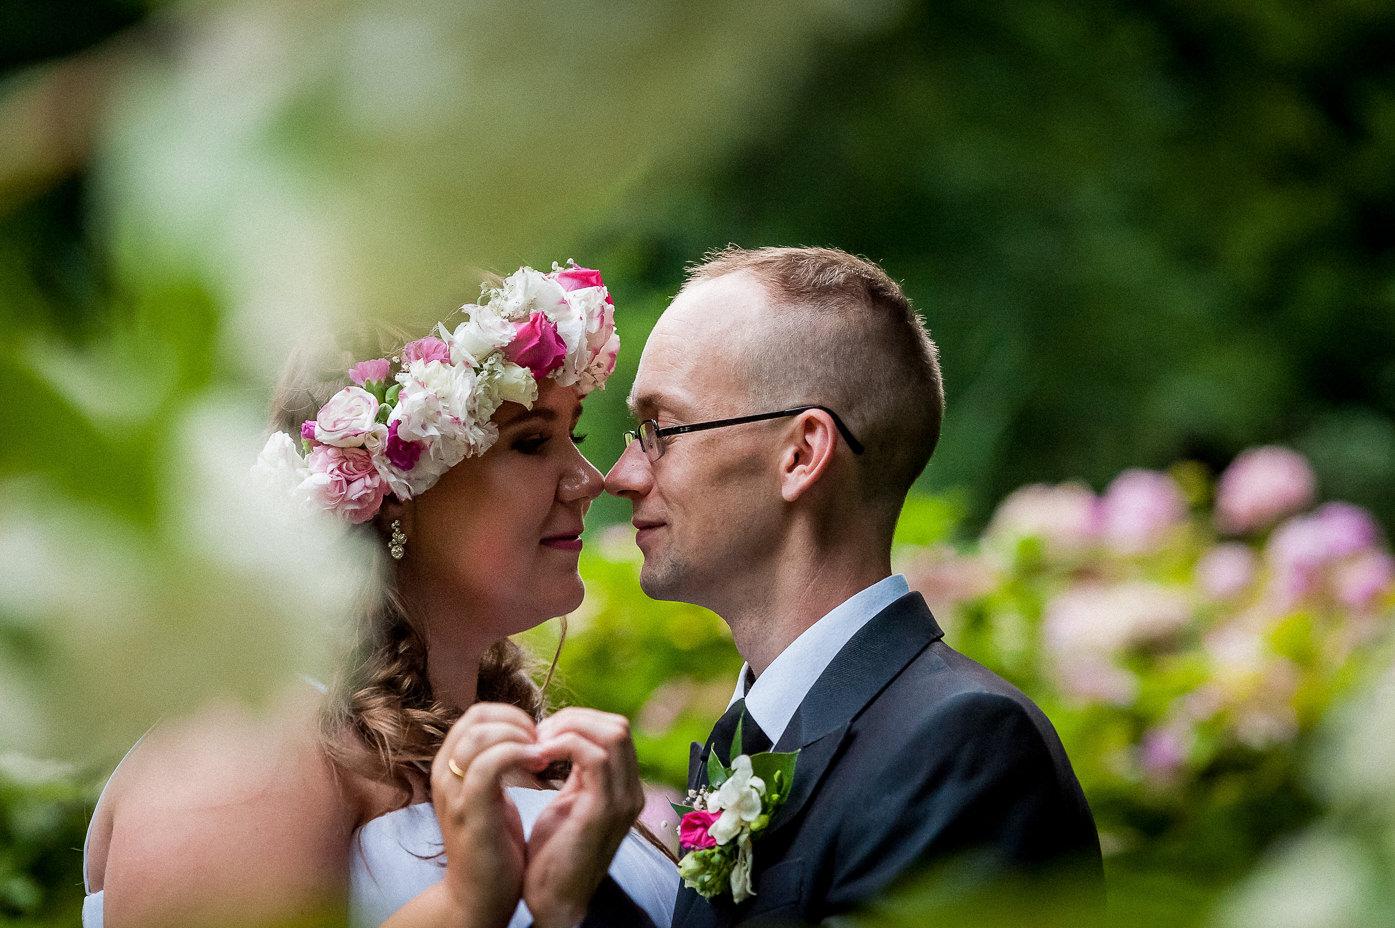 Rafał Kowalski Fotograf Ślubny opinie - romantyczny plener ślubny w parku w Wejherowie